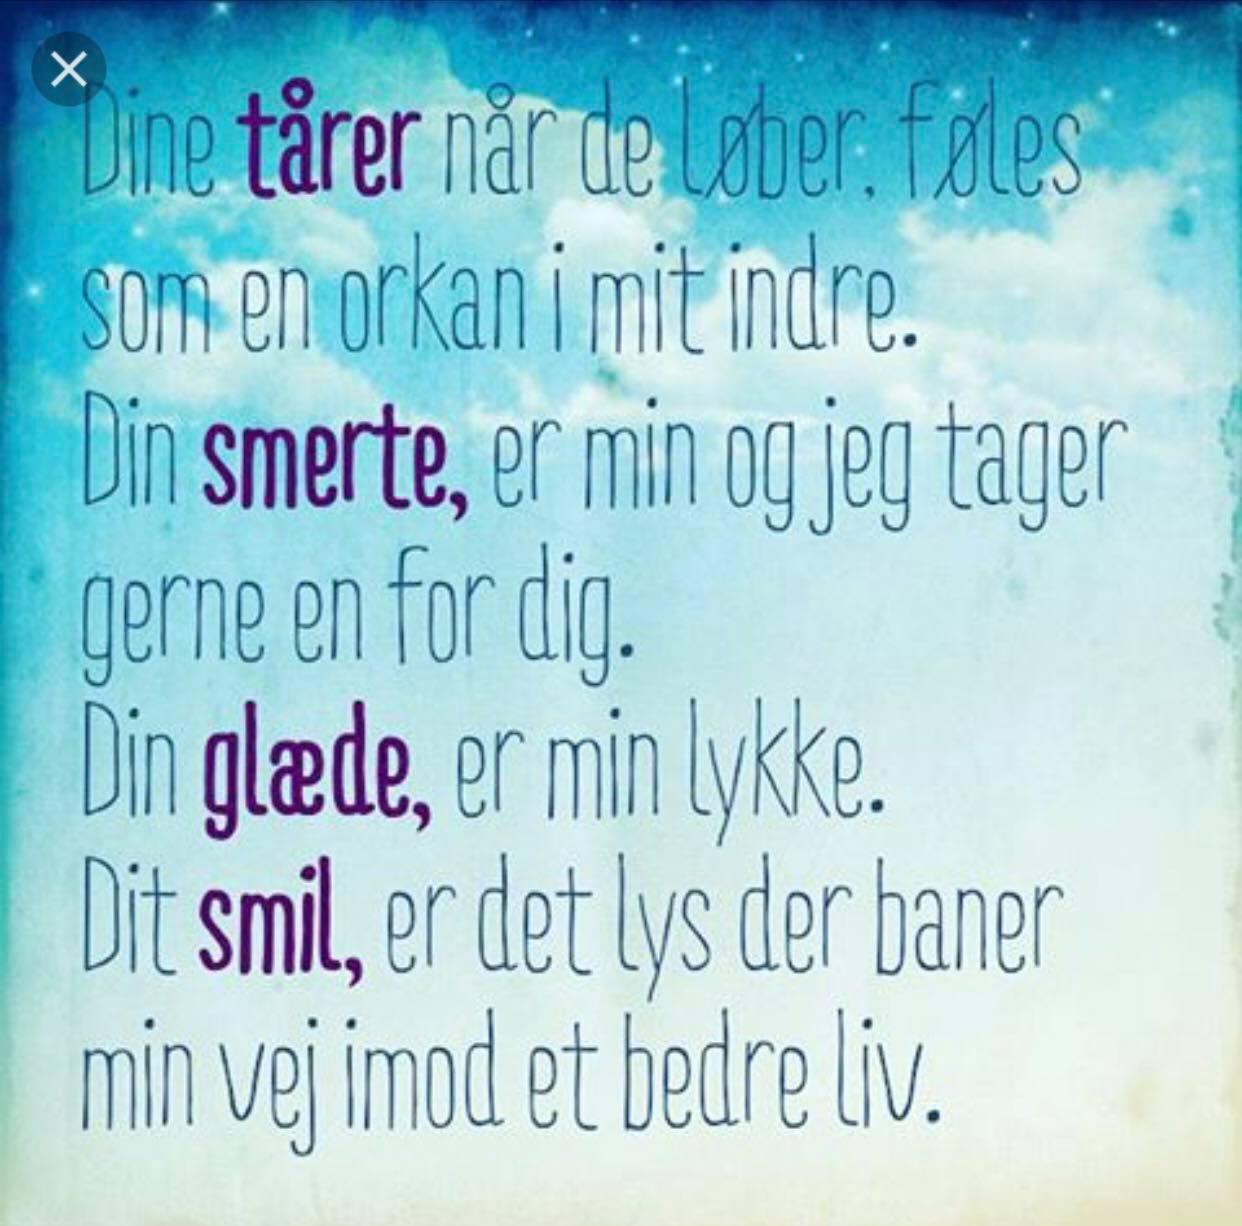 citater om løb føles   Danske citater, smukke budskaber om liver, Citater om  citater om løb